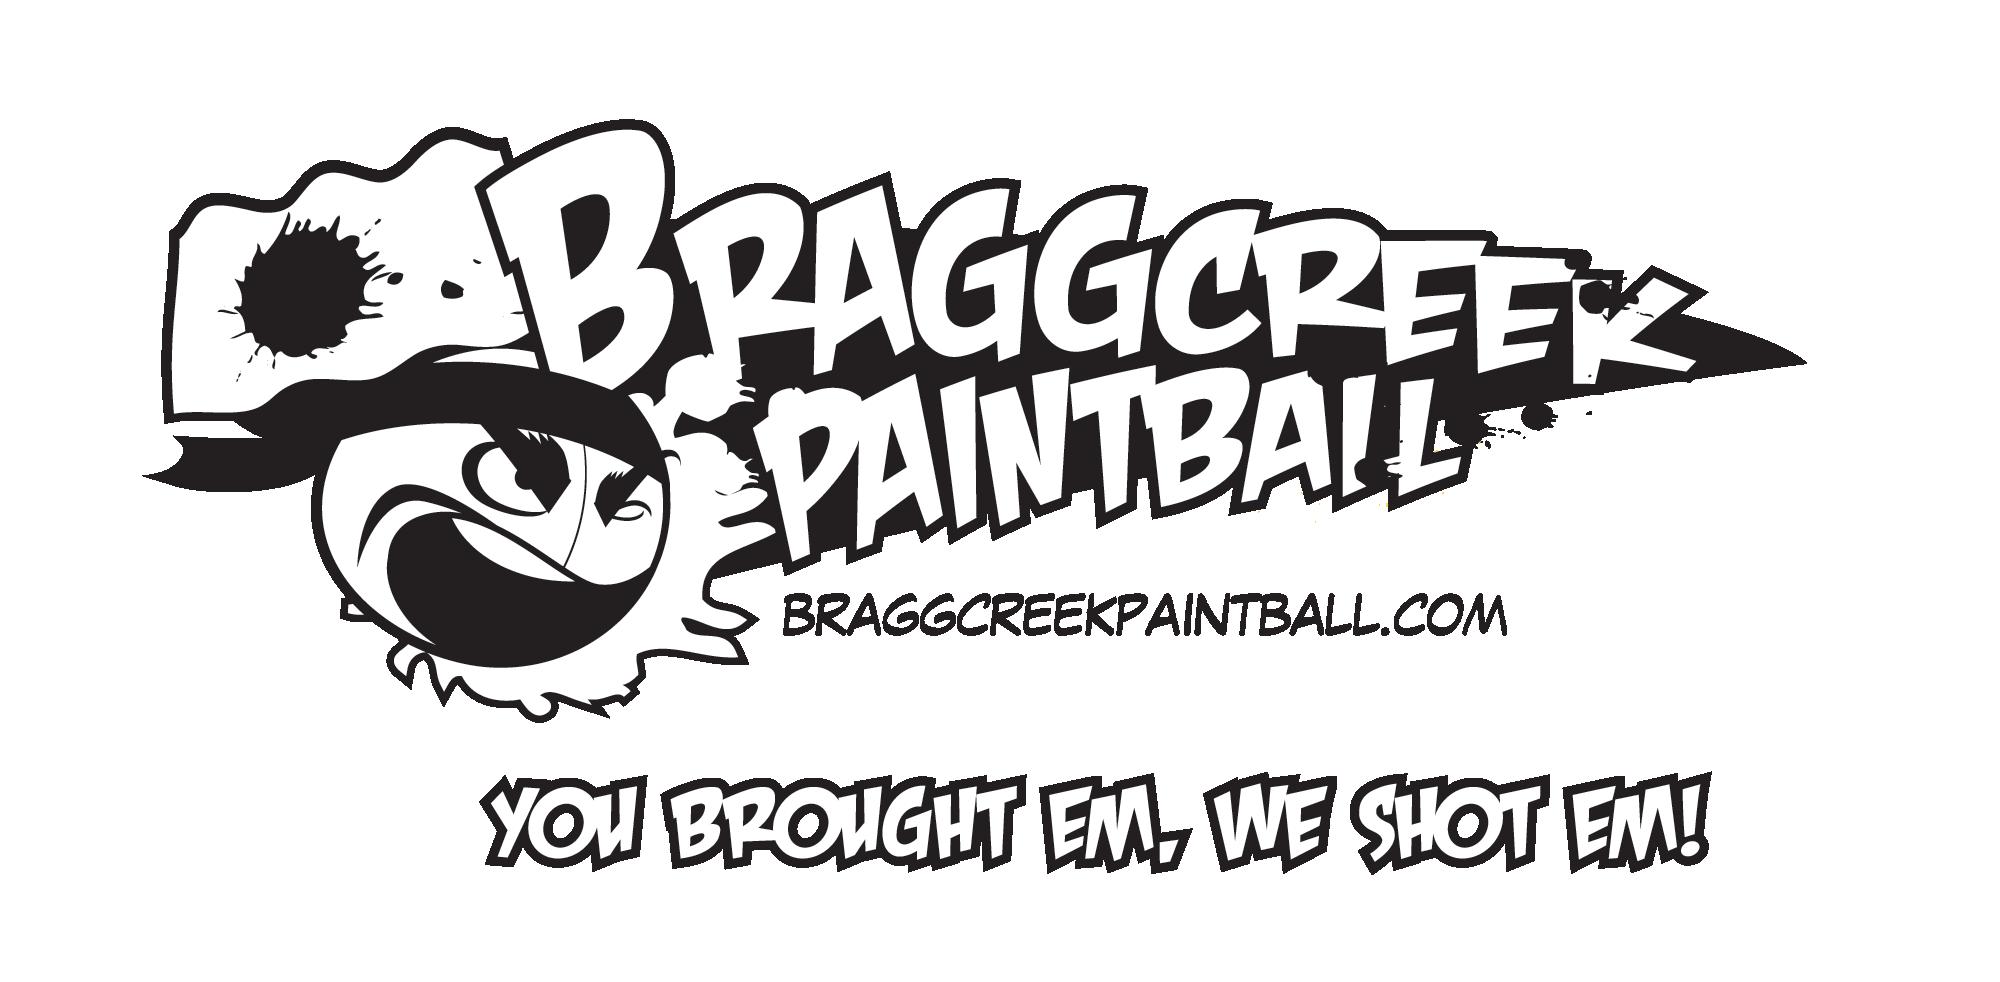 BW_braggcreek_final.png